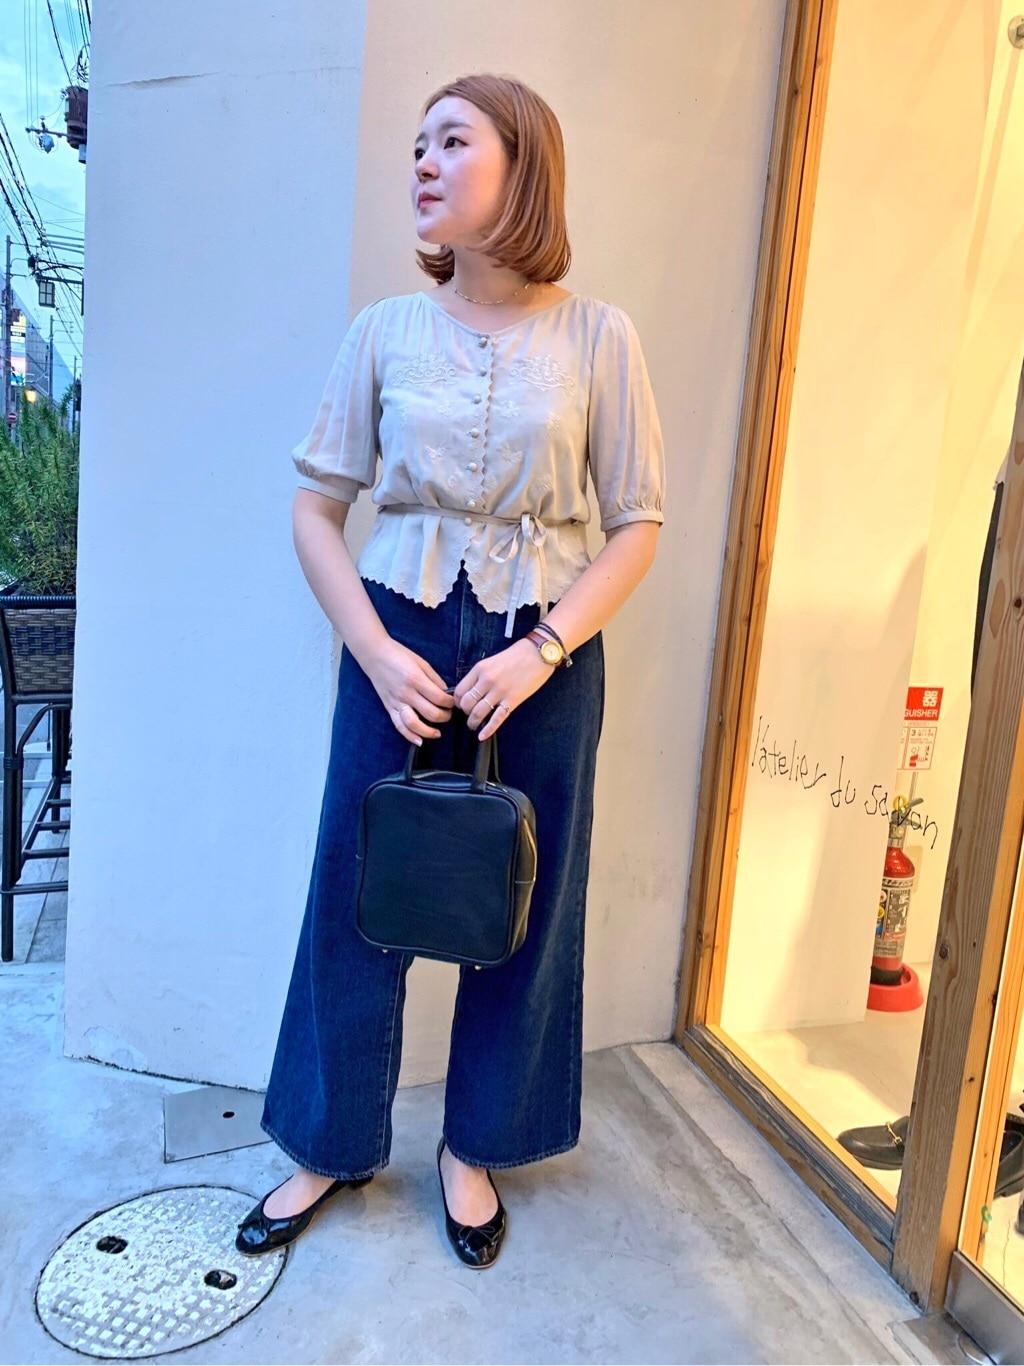 l'atelier du savon 京都路面 身長:166cm 2019.09.06